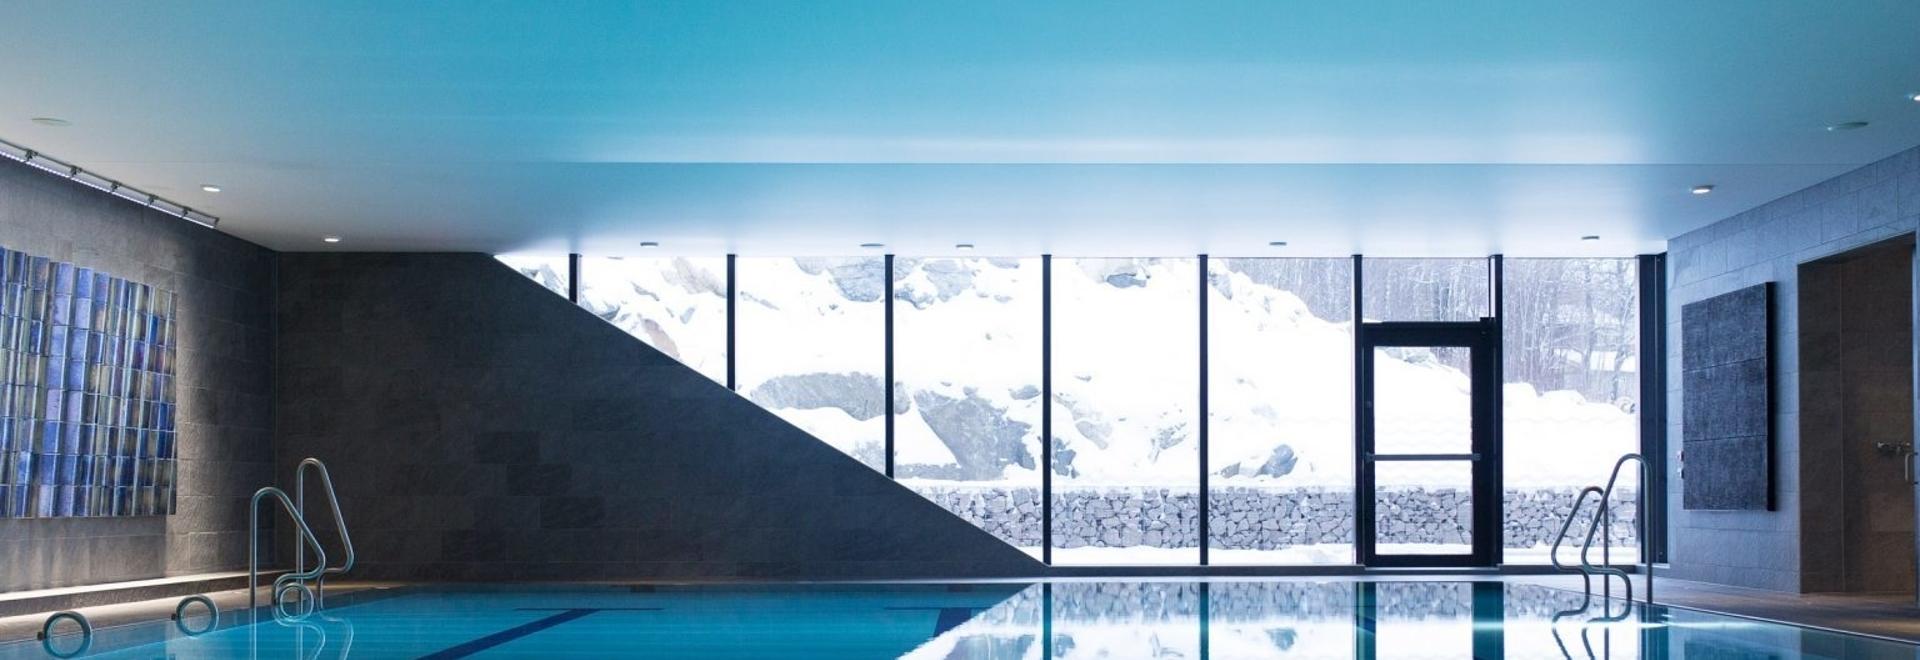 El Centro de Baño y Ocio de Bølgen, de White Arkitekter, está situado sobre un fiordo